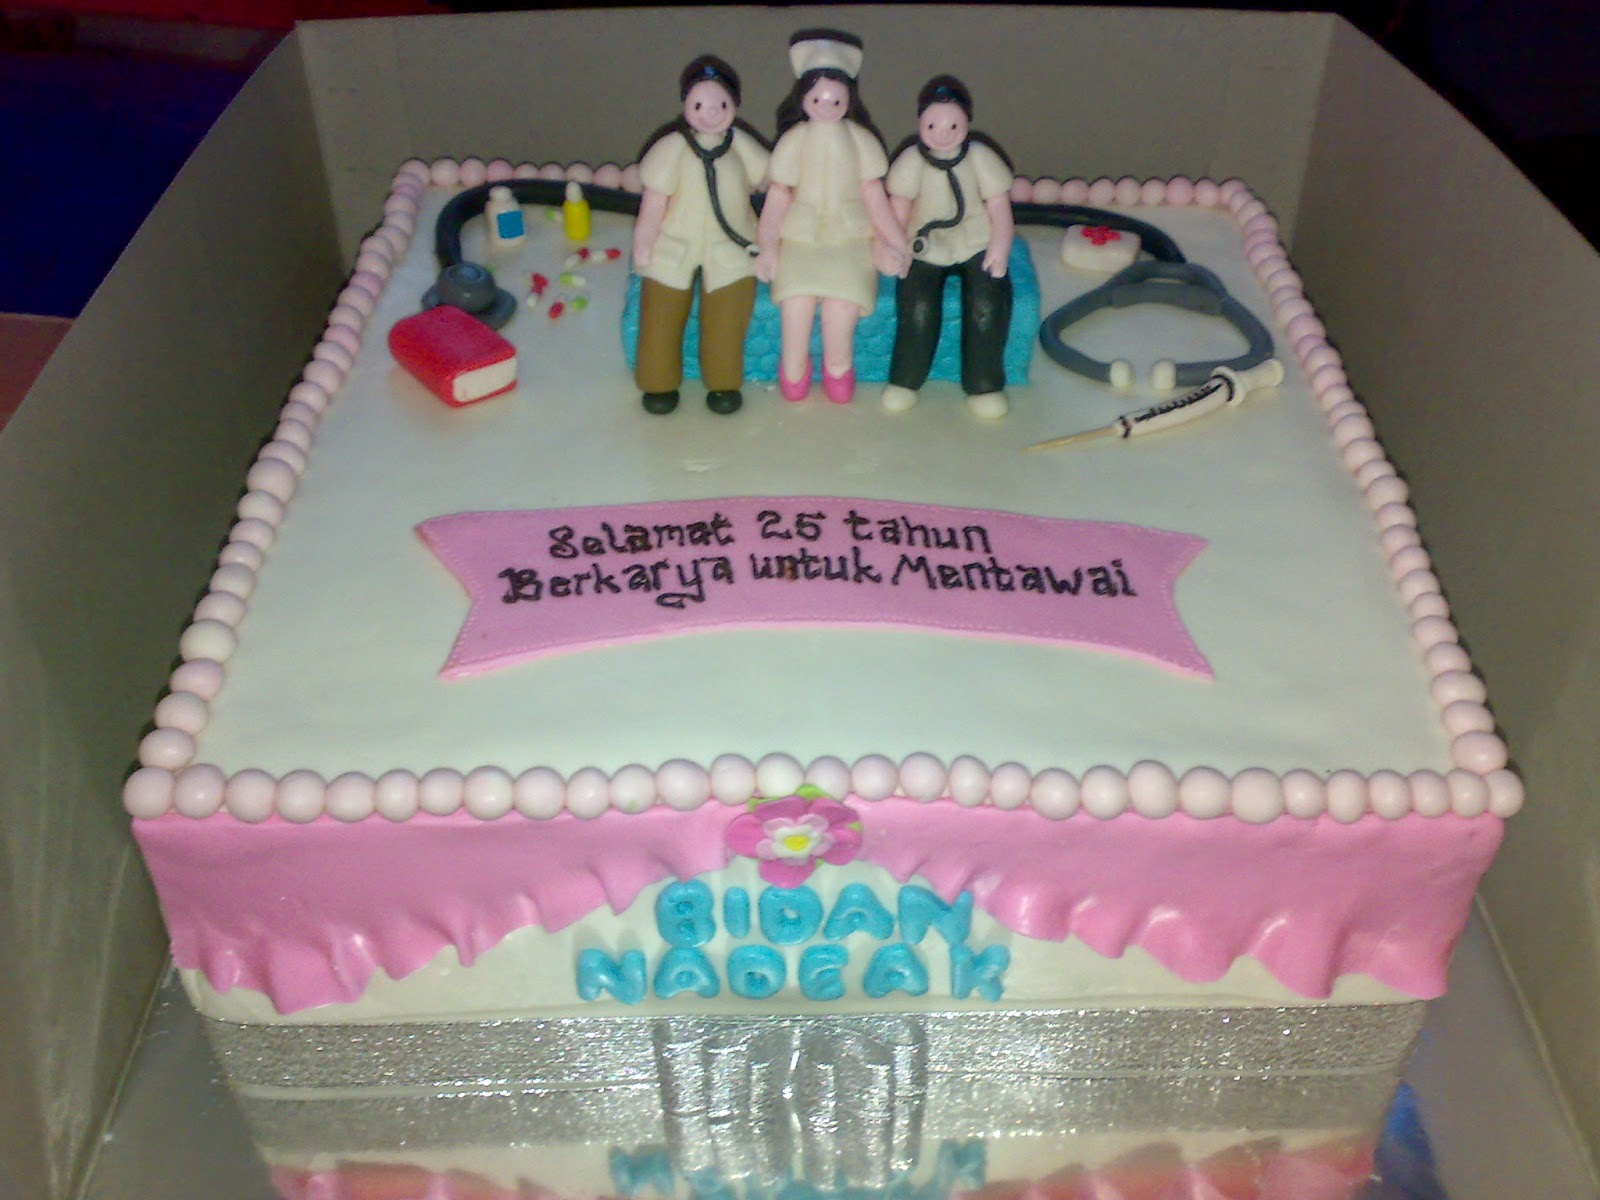 tempat pesan kue dengan tema dokter medis